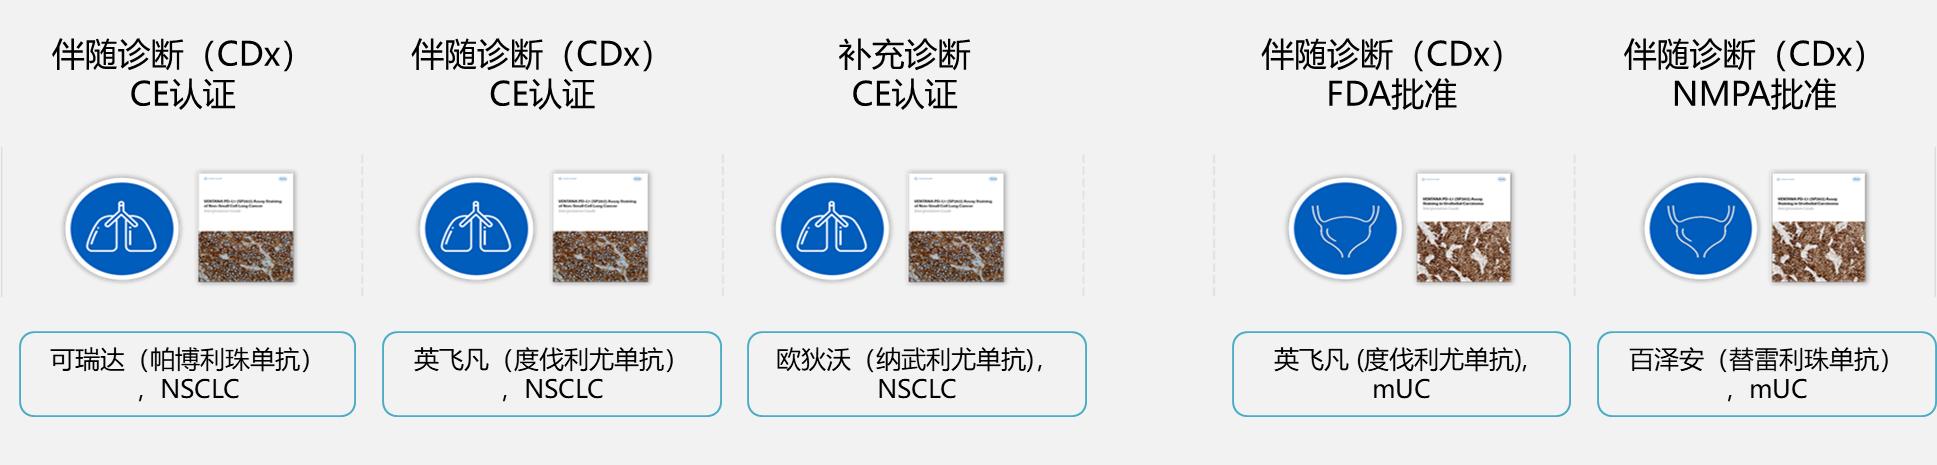 VENTANA PD-L1(SP142)非小细胞肺癌适应症获批上市